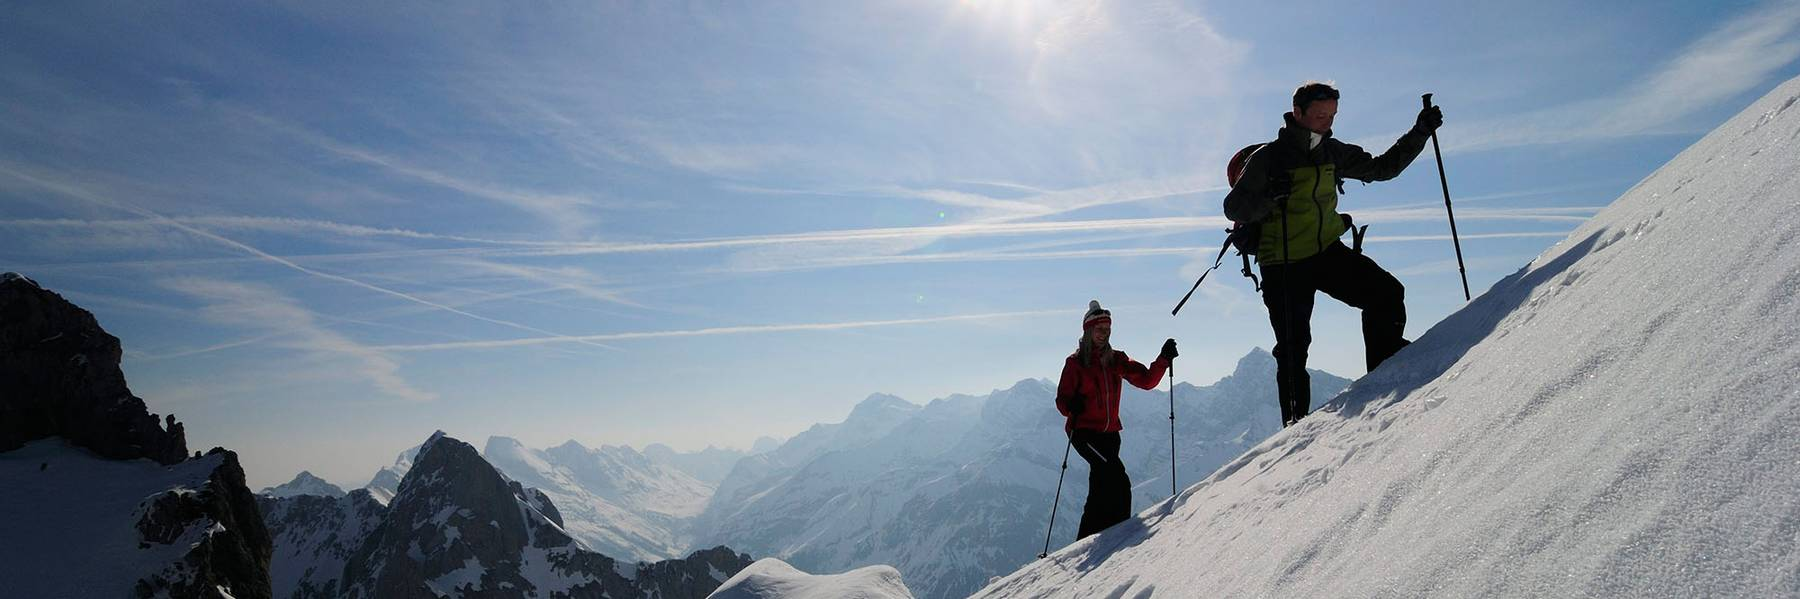 Winterurlaub in Mittenwald im Karwendel